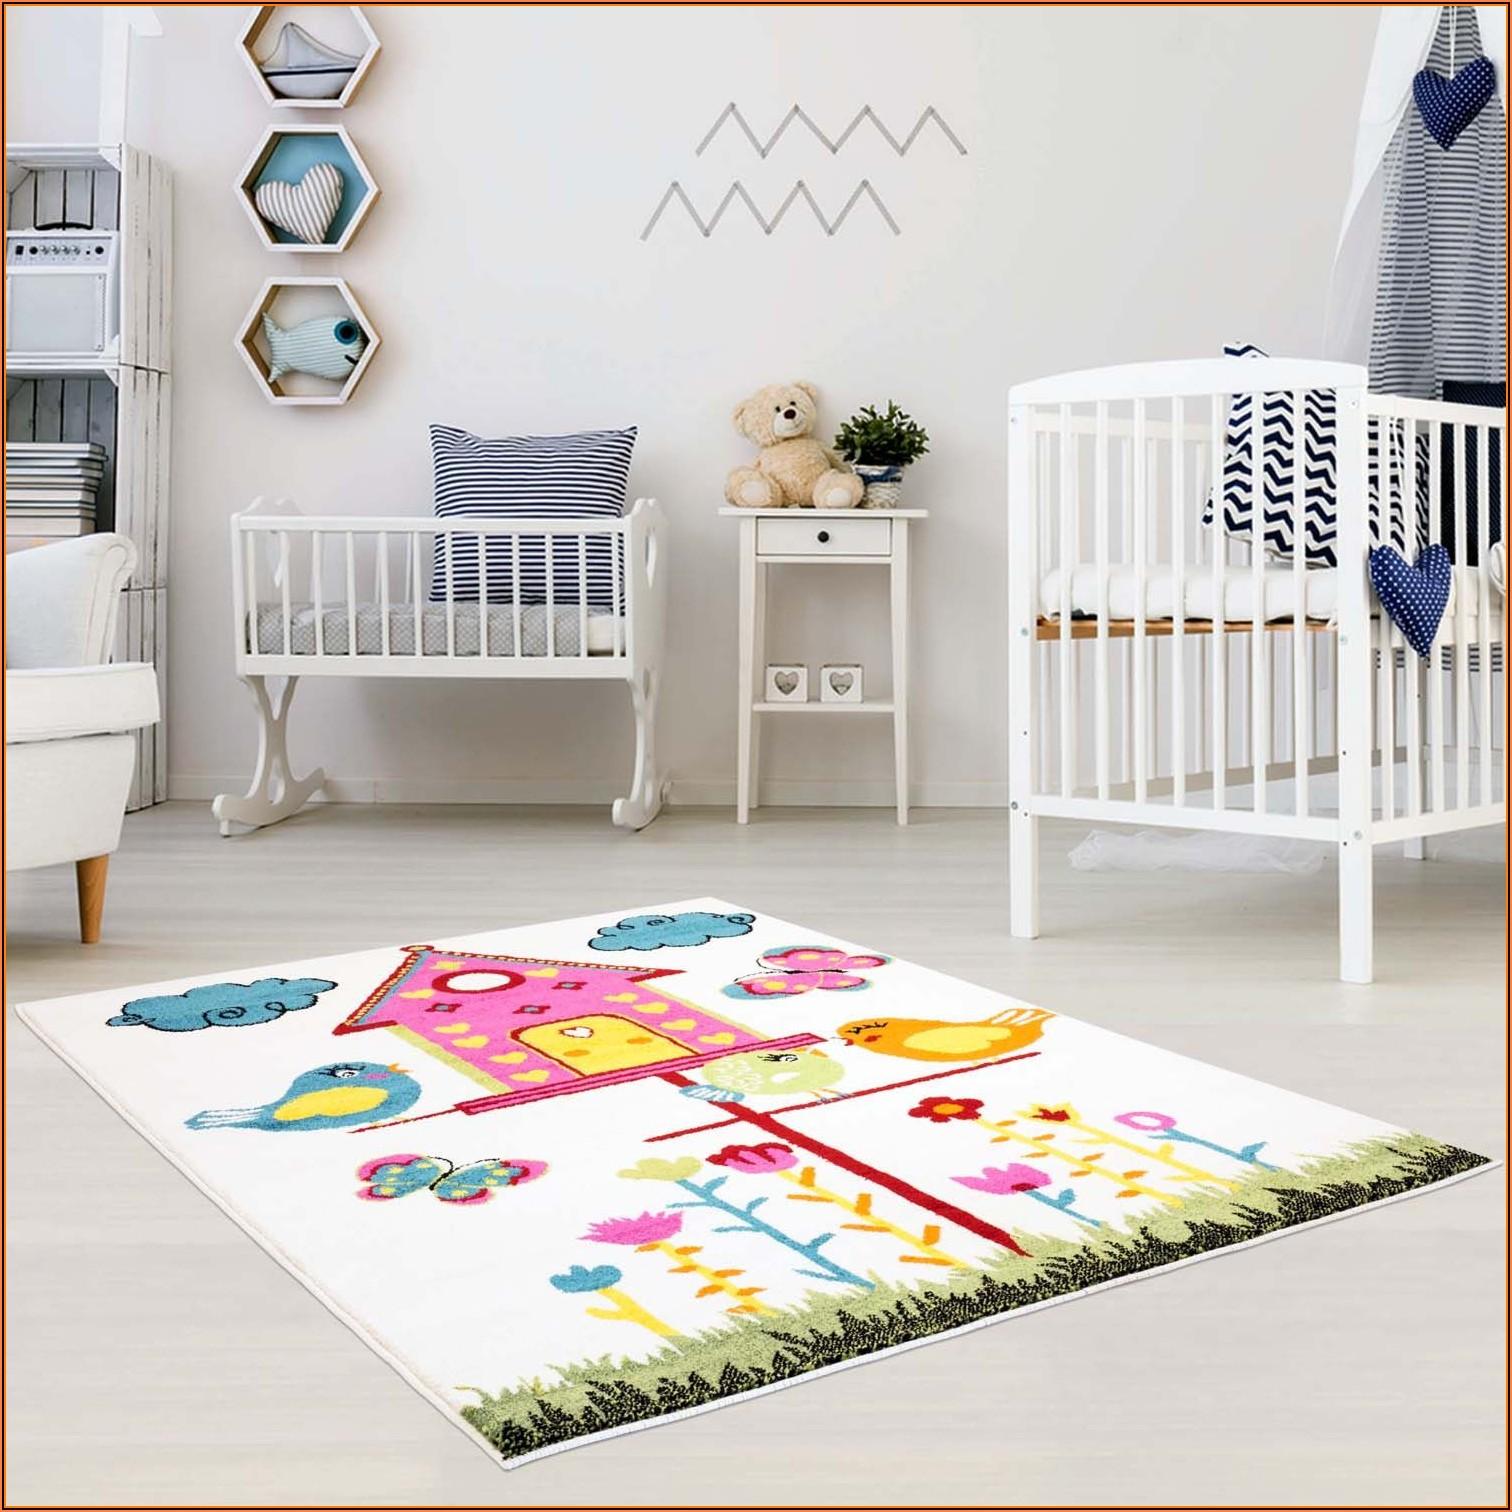 Kinderzimmer Für 3 Jährige Jungs